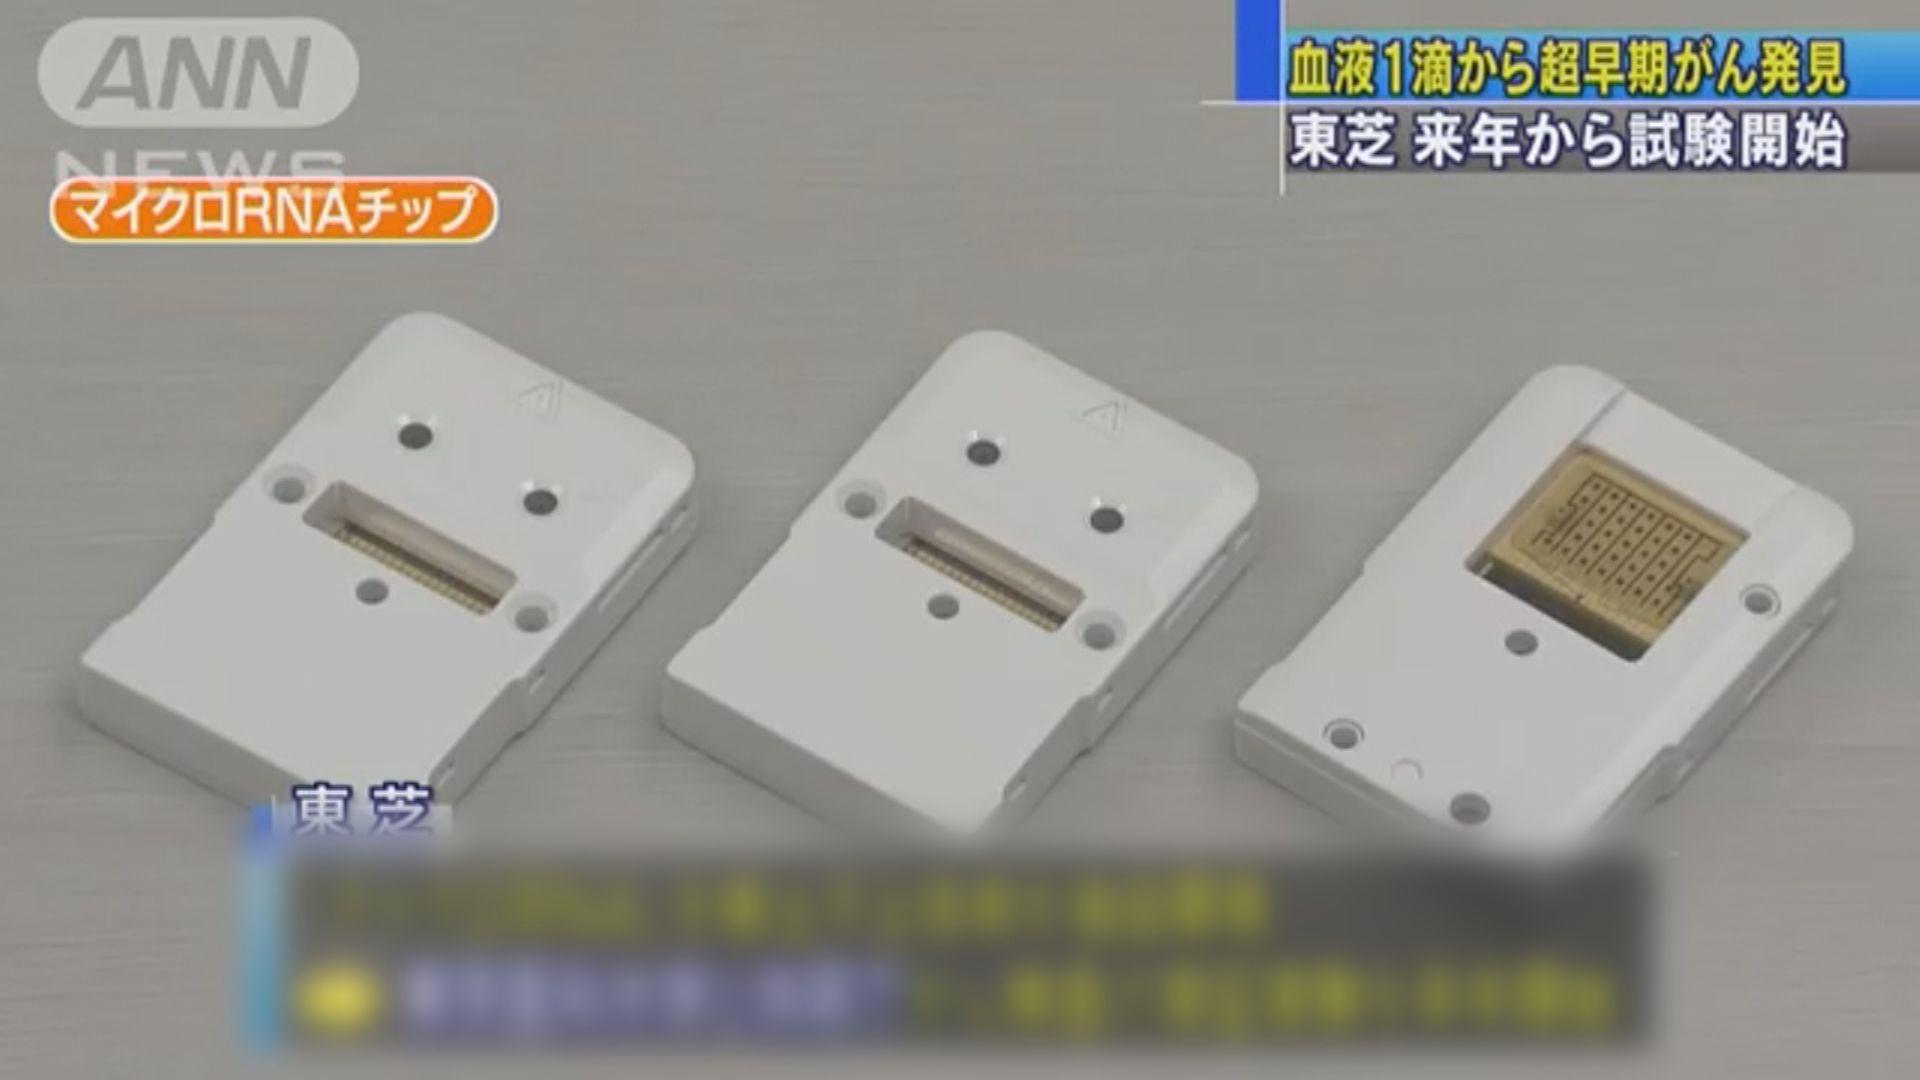 日本東芝一滴血驗癌儀器明年起實證試驗